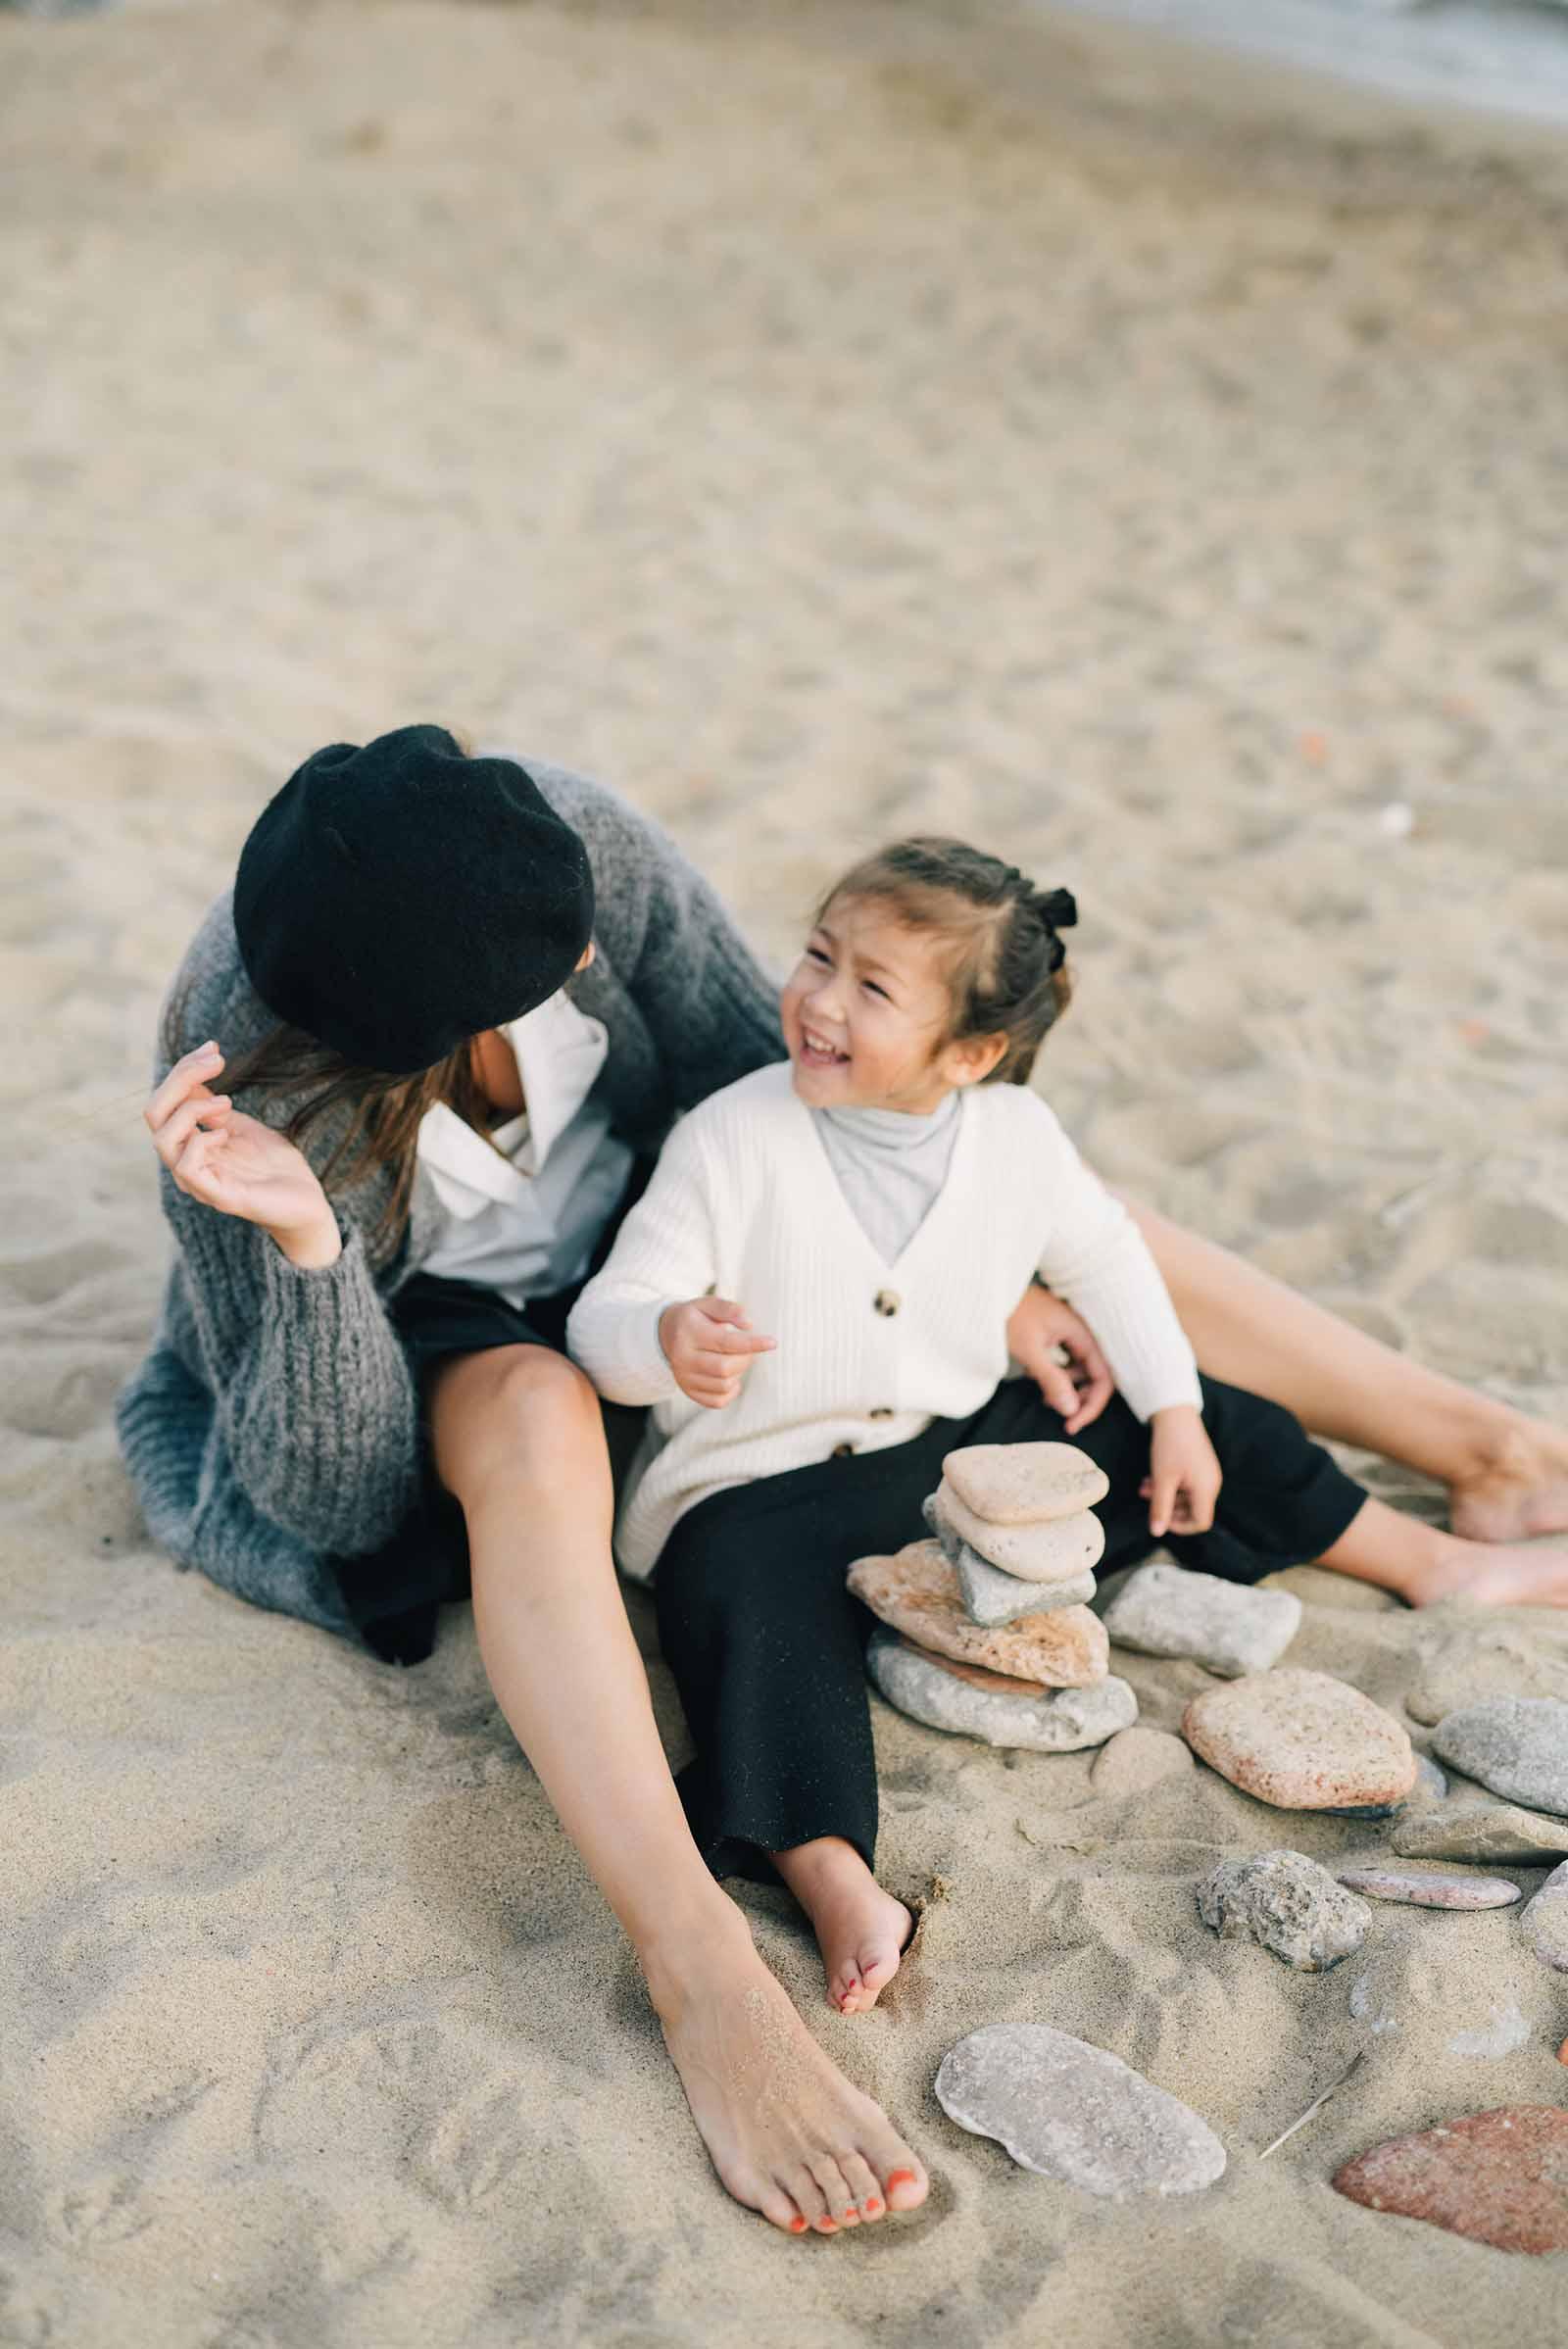 Kur Klinik an der Ostsee mit Mutter und Kind